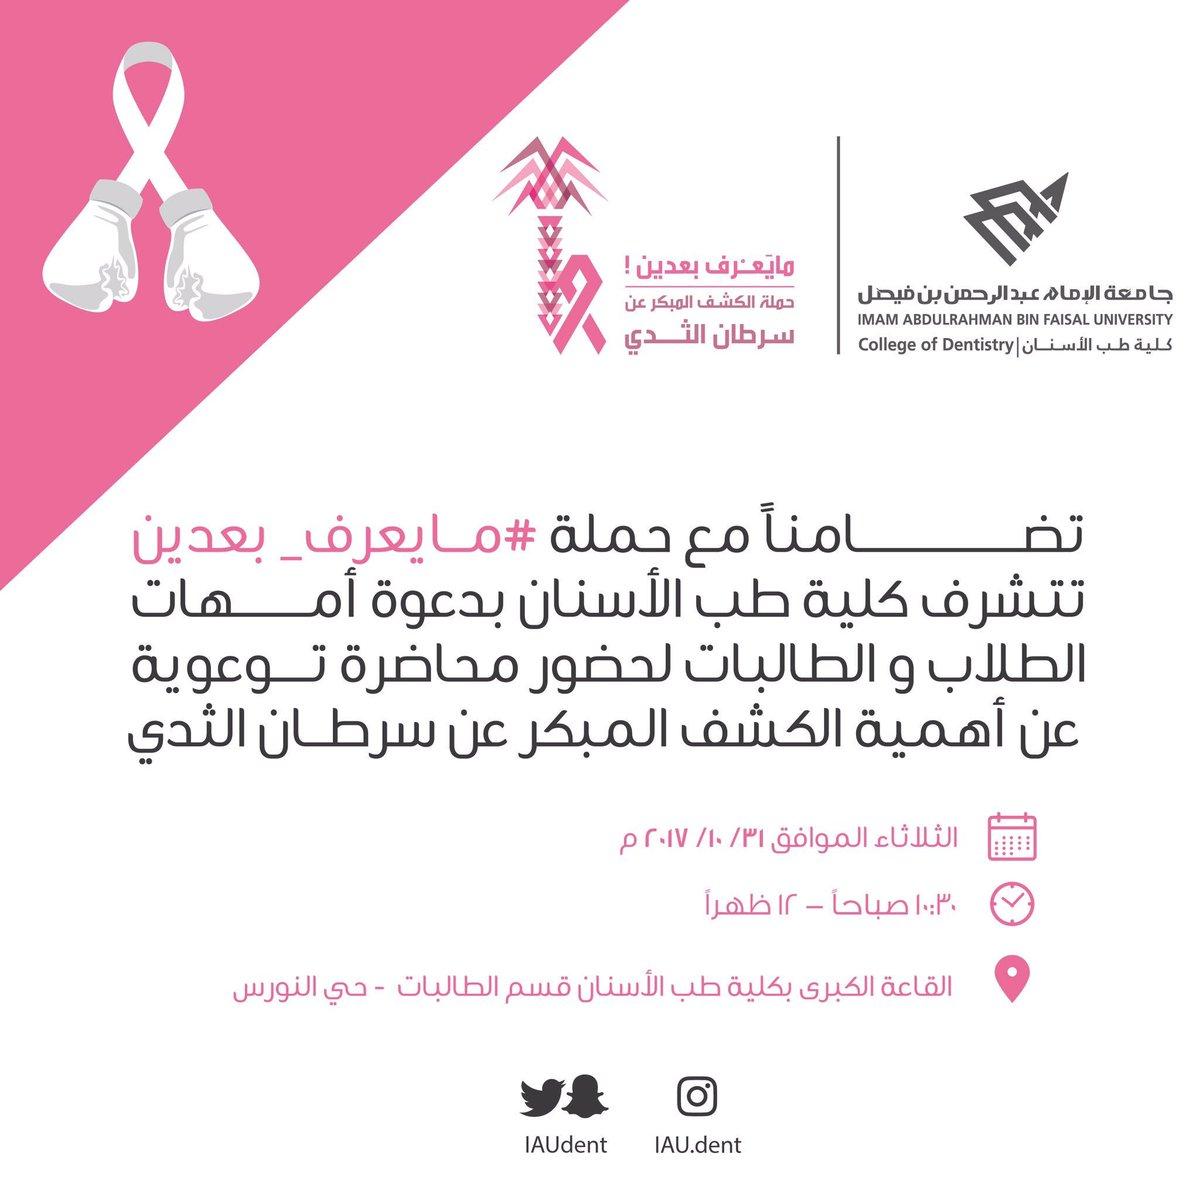 الهنوف البراك On Twitter محاضرة عن أهمية الكشف المبكر لسرطان الثدي للدكتورة أفنان المهنا Afnanfmuhanna Breastcancer Iaudentgopink